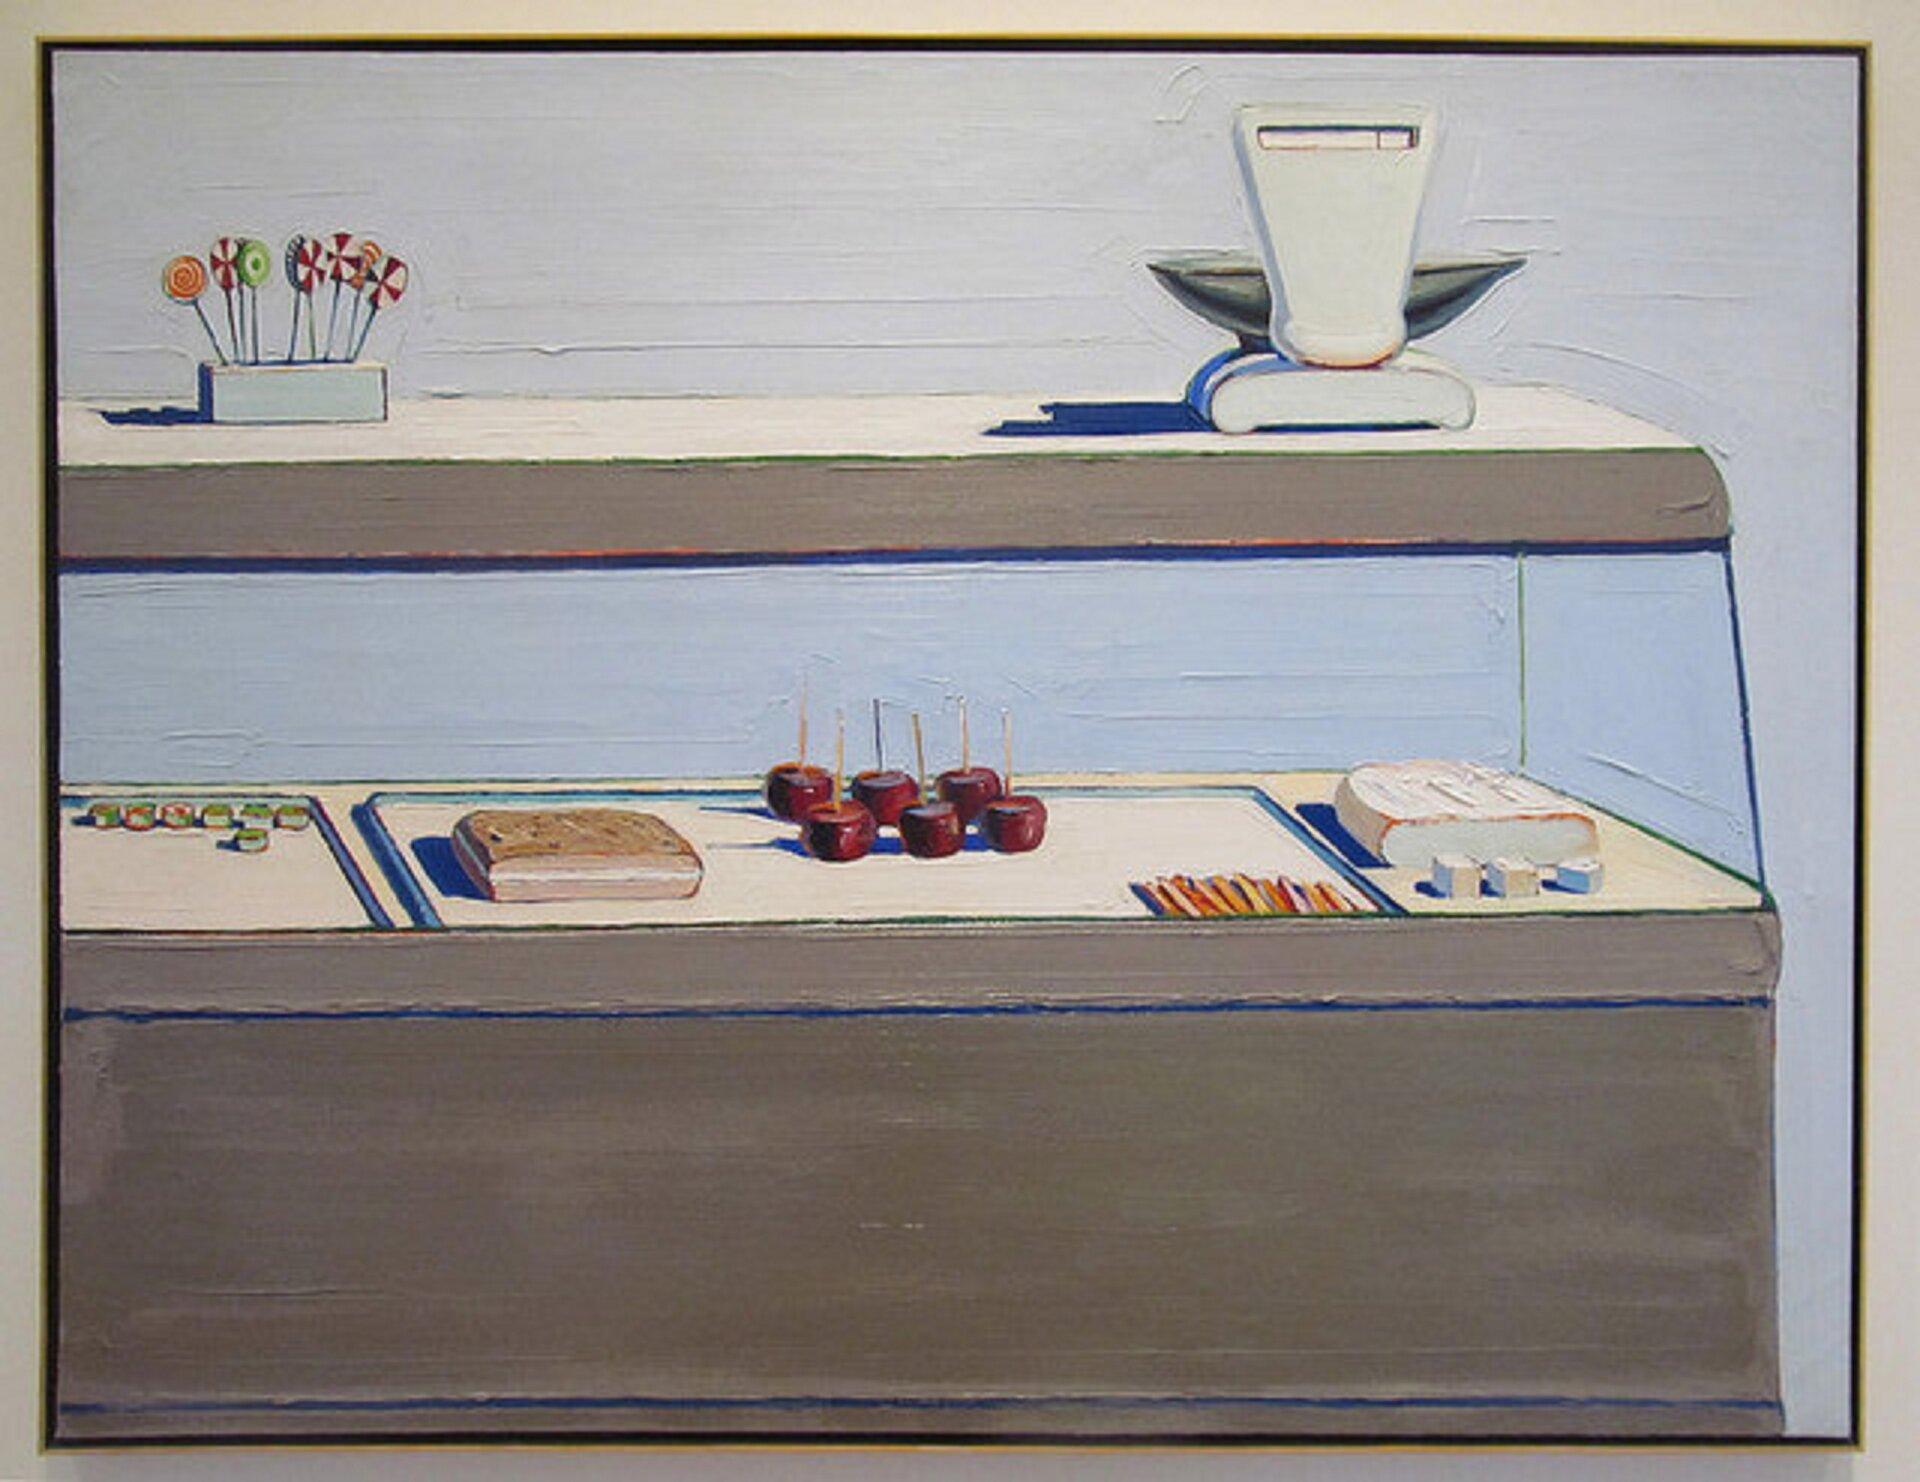 Ilustracja przedstawia ladę sklepową zchłodnią. Za szybą znajdują się praliny oraz ciasta. Na górze stoi waga ilizaki. Tłem jest szarawa ściana.